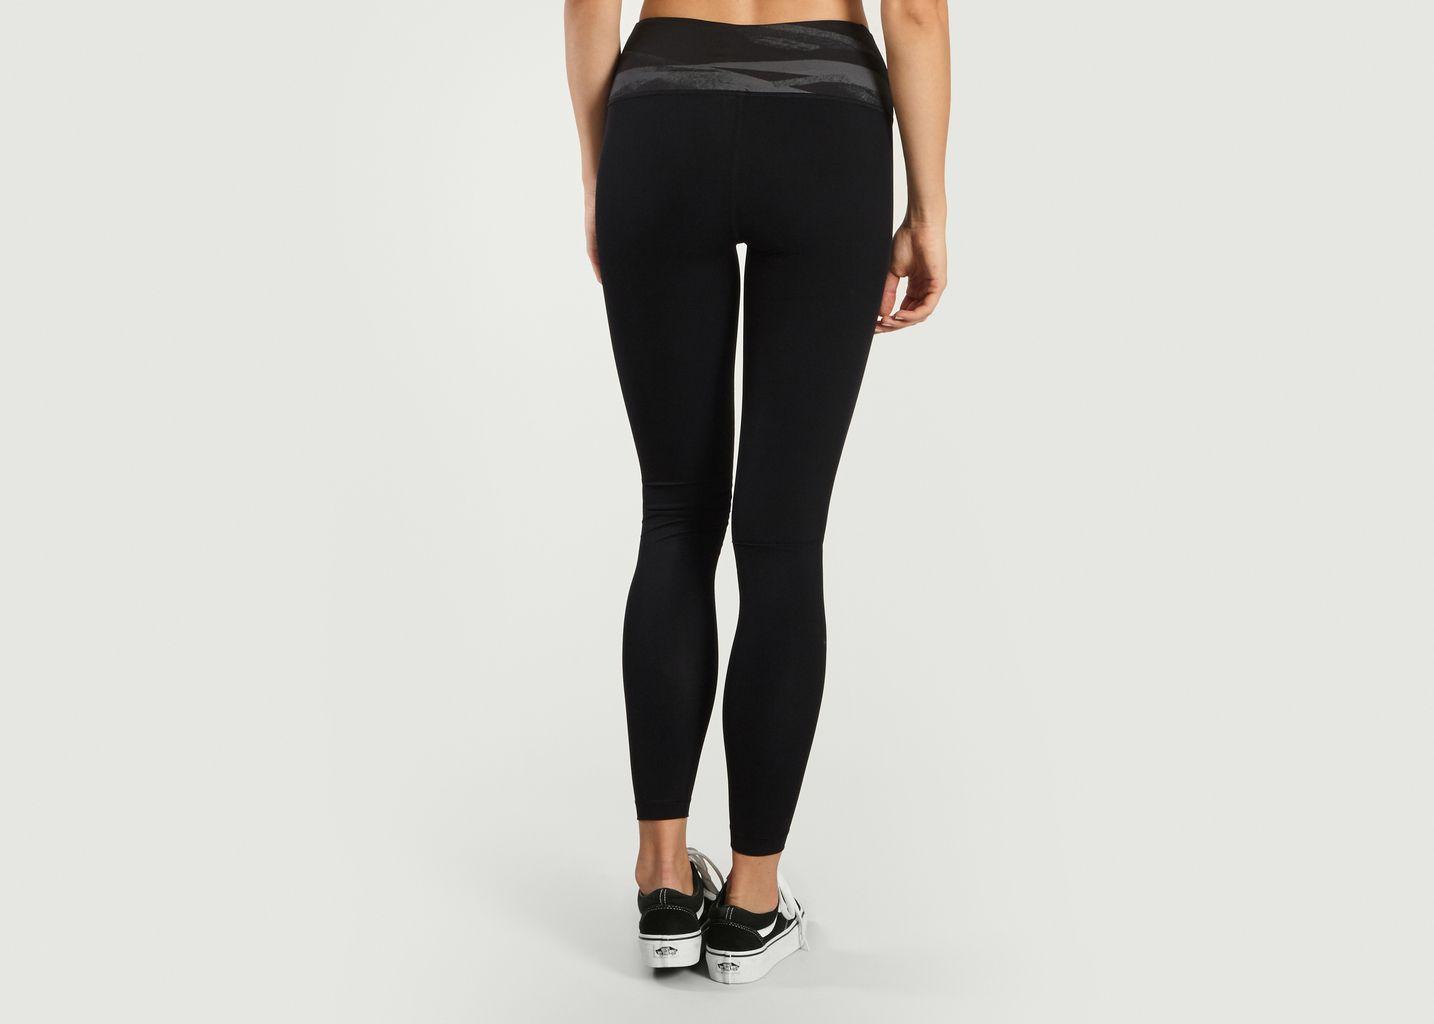 Legging De Sport A Motif Lia - Naelie